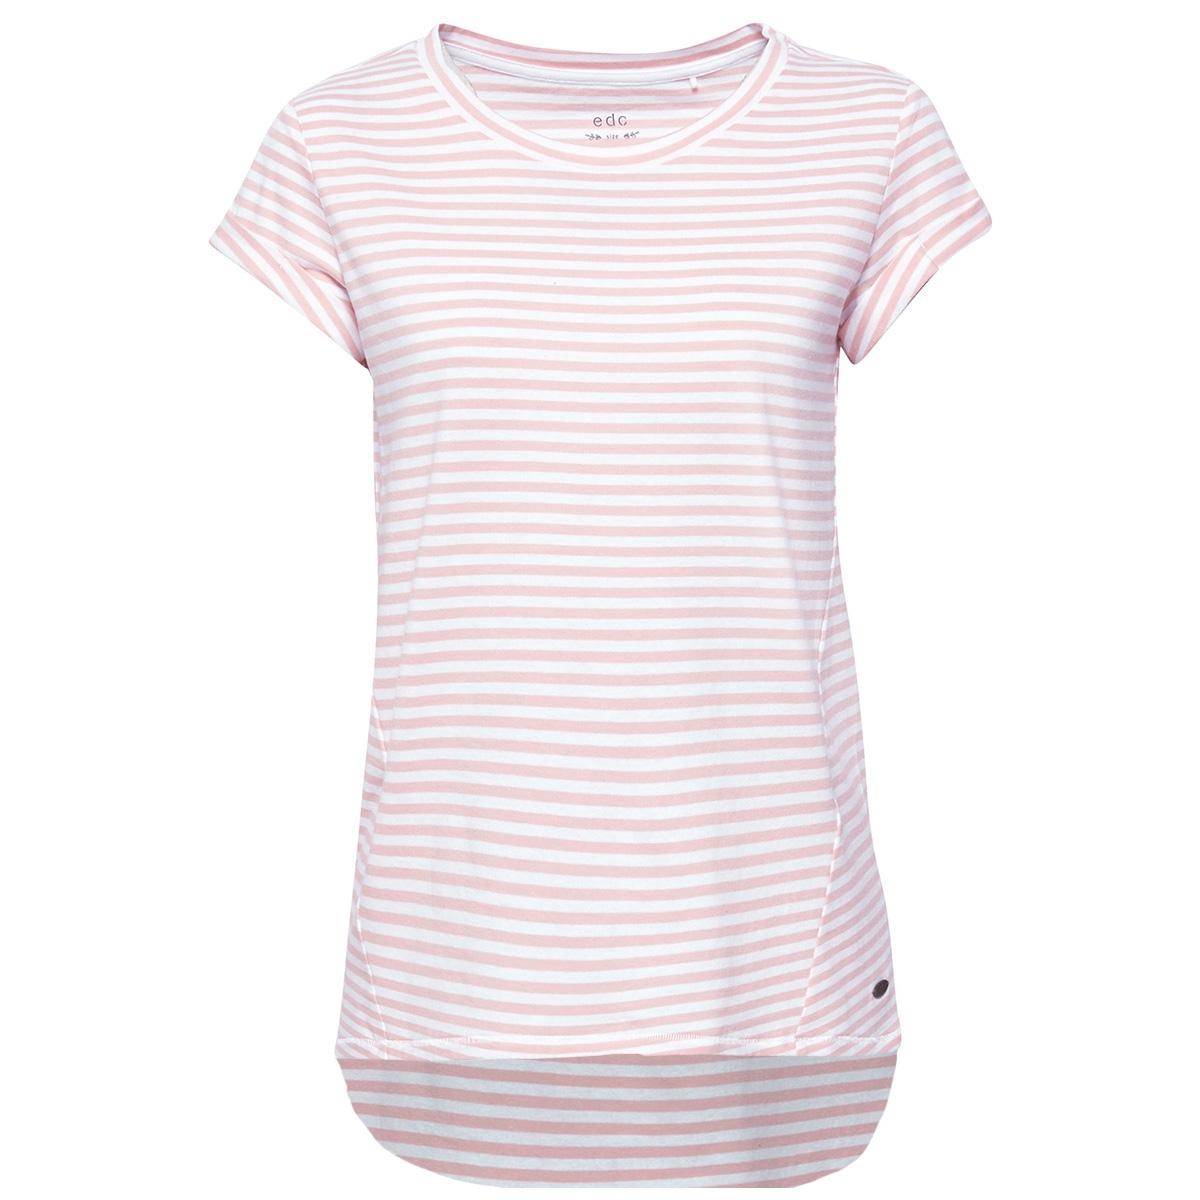 gestreept shirt met langer achterpand 059cc1k003 edc t-shirt c690